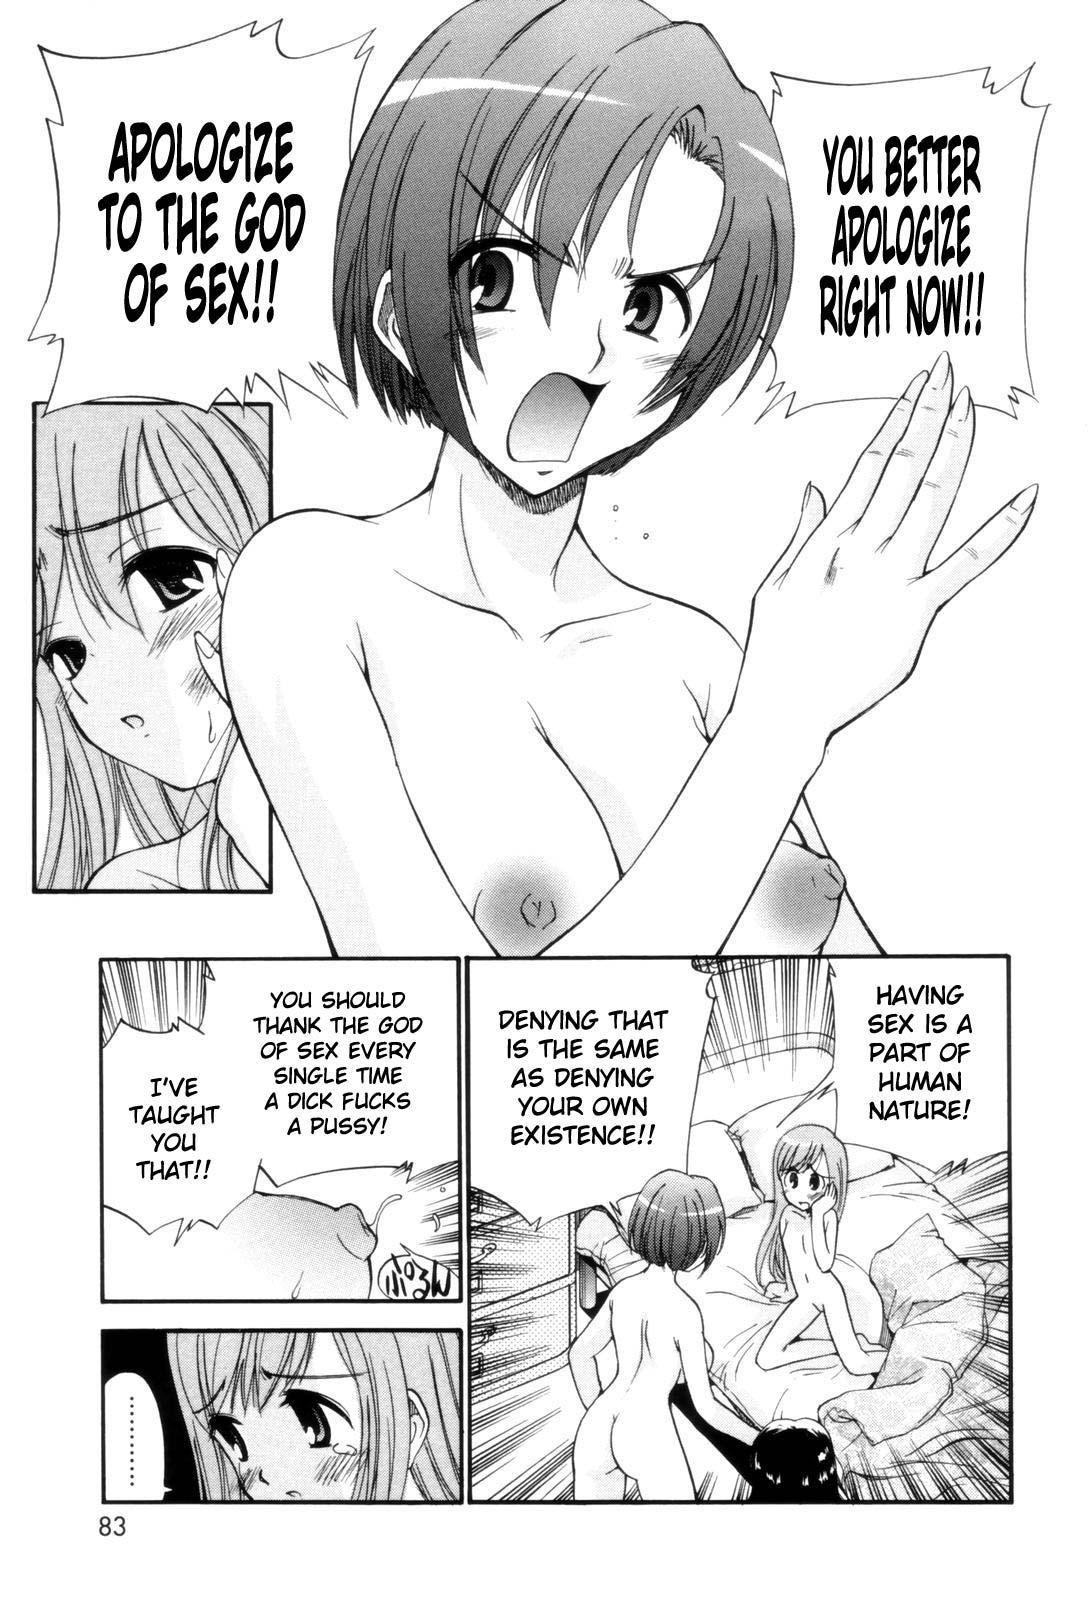 [Kamirenjaku Sanpei] Tonari no Sperm-san Ch.0-7+Epilogue [ENG] 83